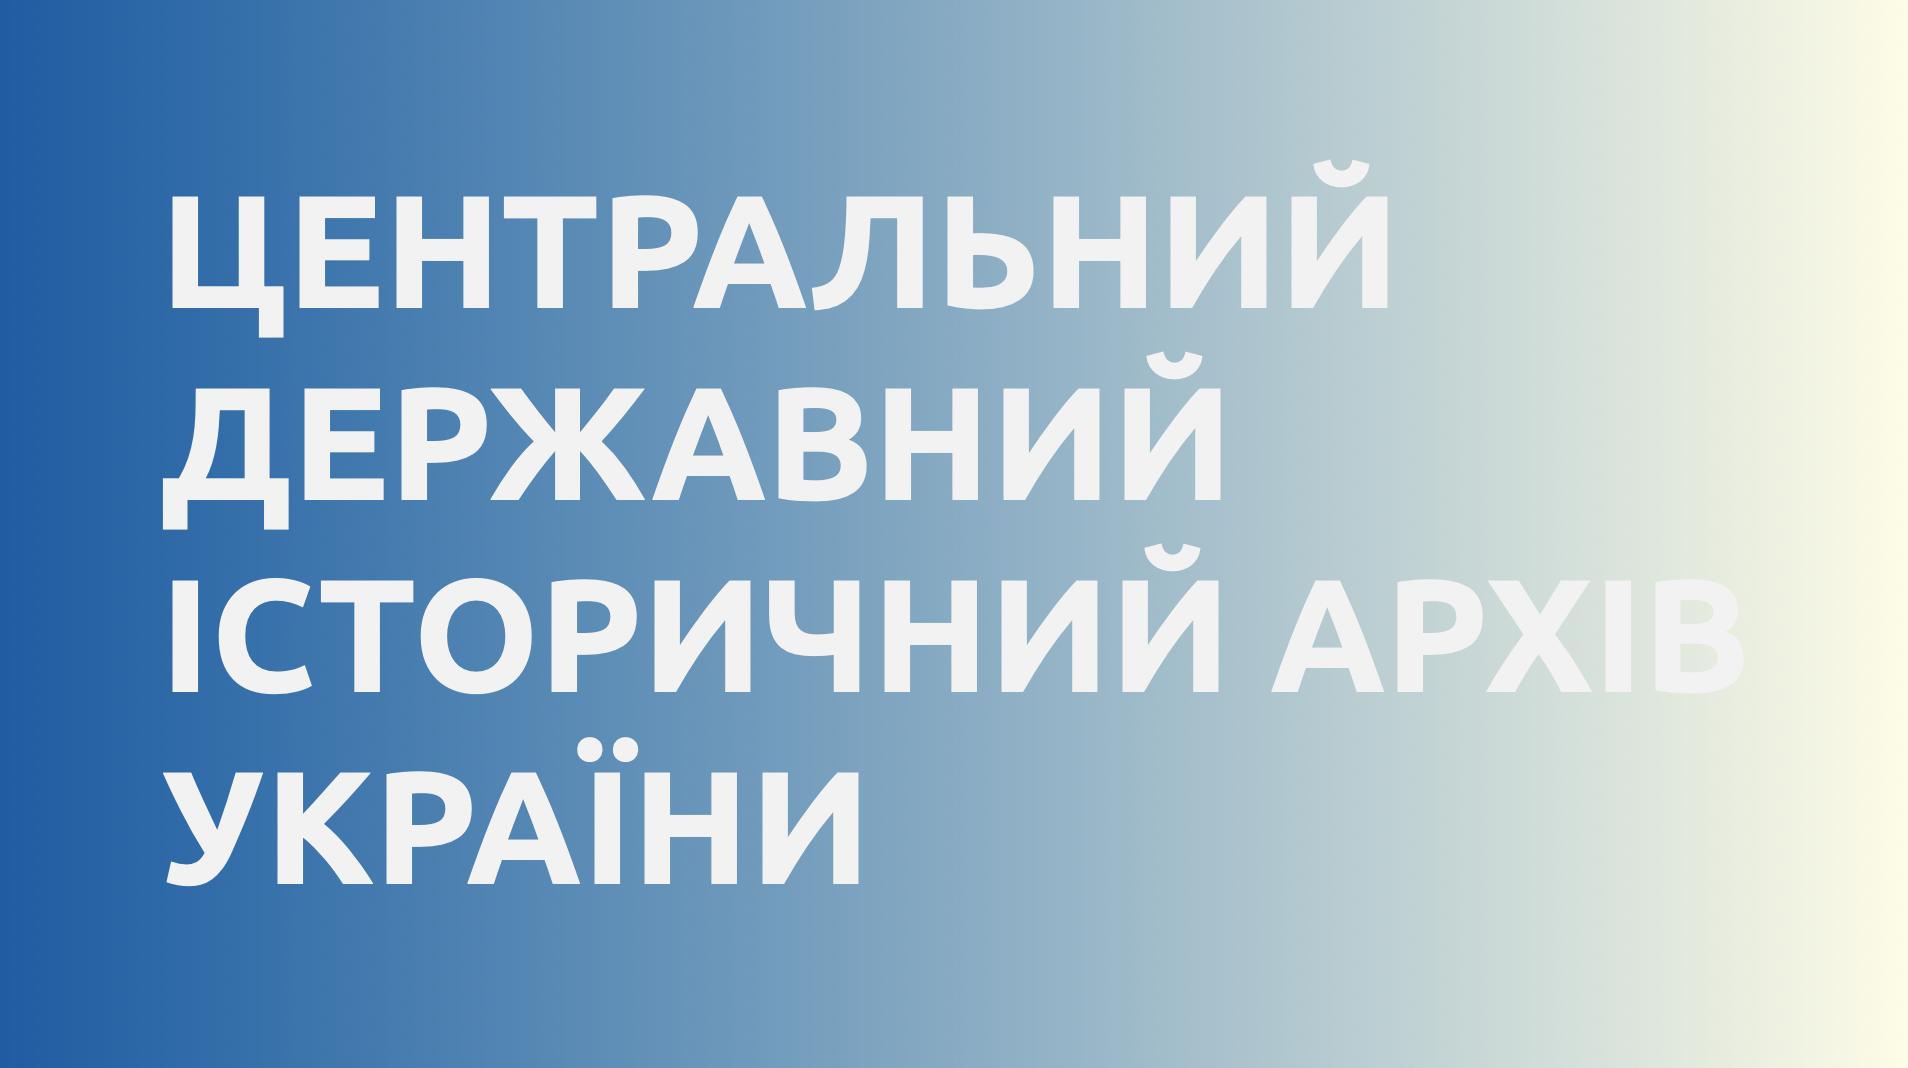 Центральний державний історичний архів України